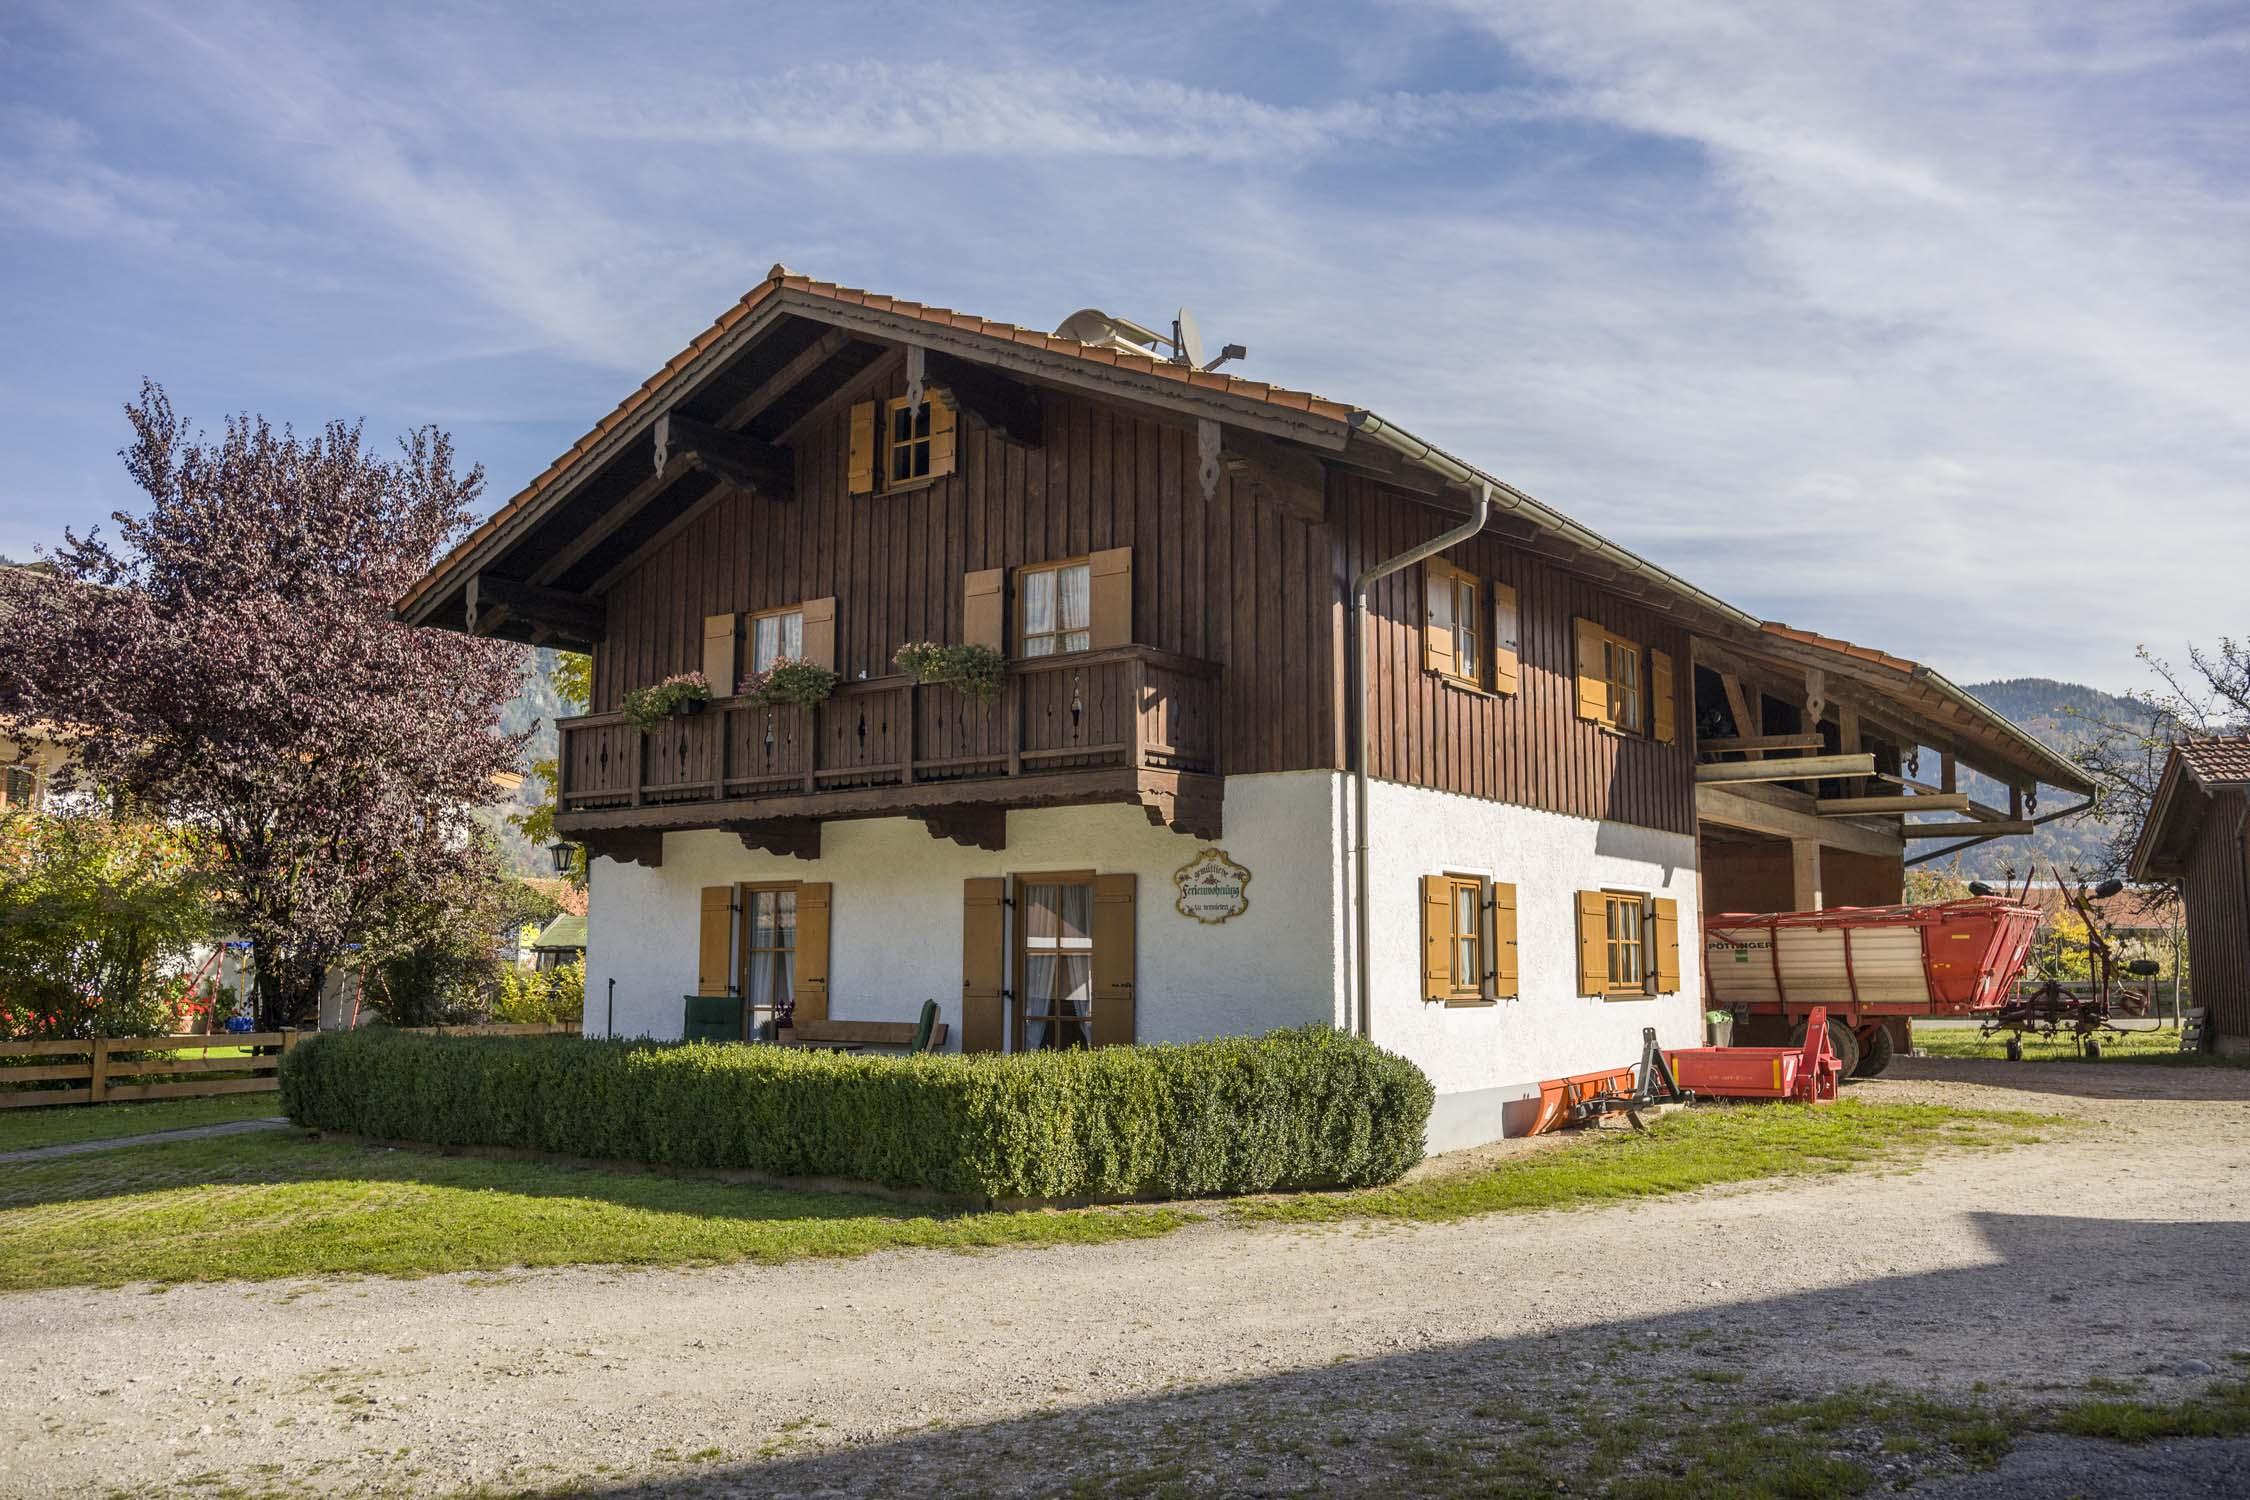 Ferienwohnung Christophenhof (DE Oberaudorf). 3-Zimmer Ferienwohnung Terrasse 1 (710004), Oberaudorf, Chiemgau, Bayern, Deutschland, Bild 1